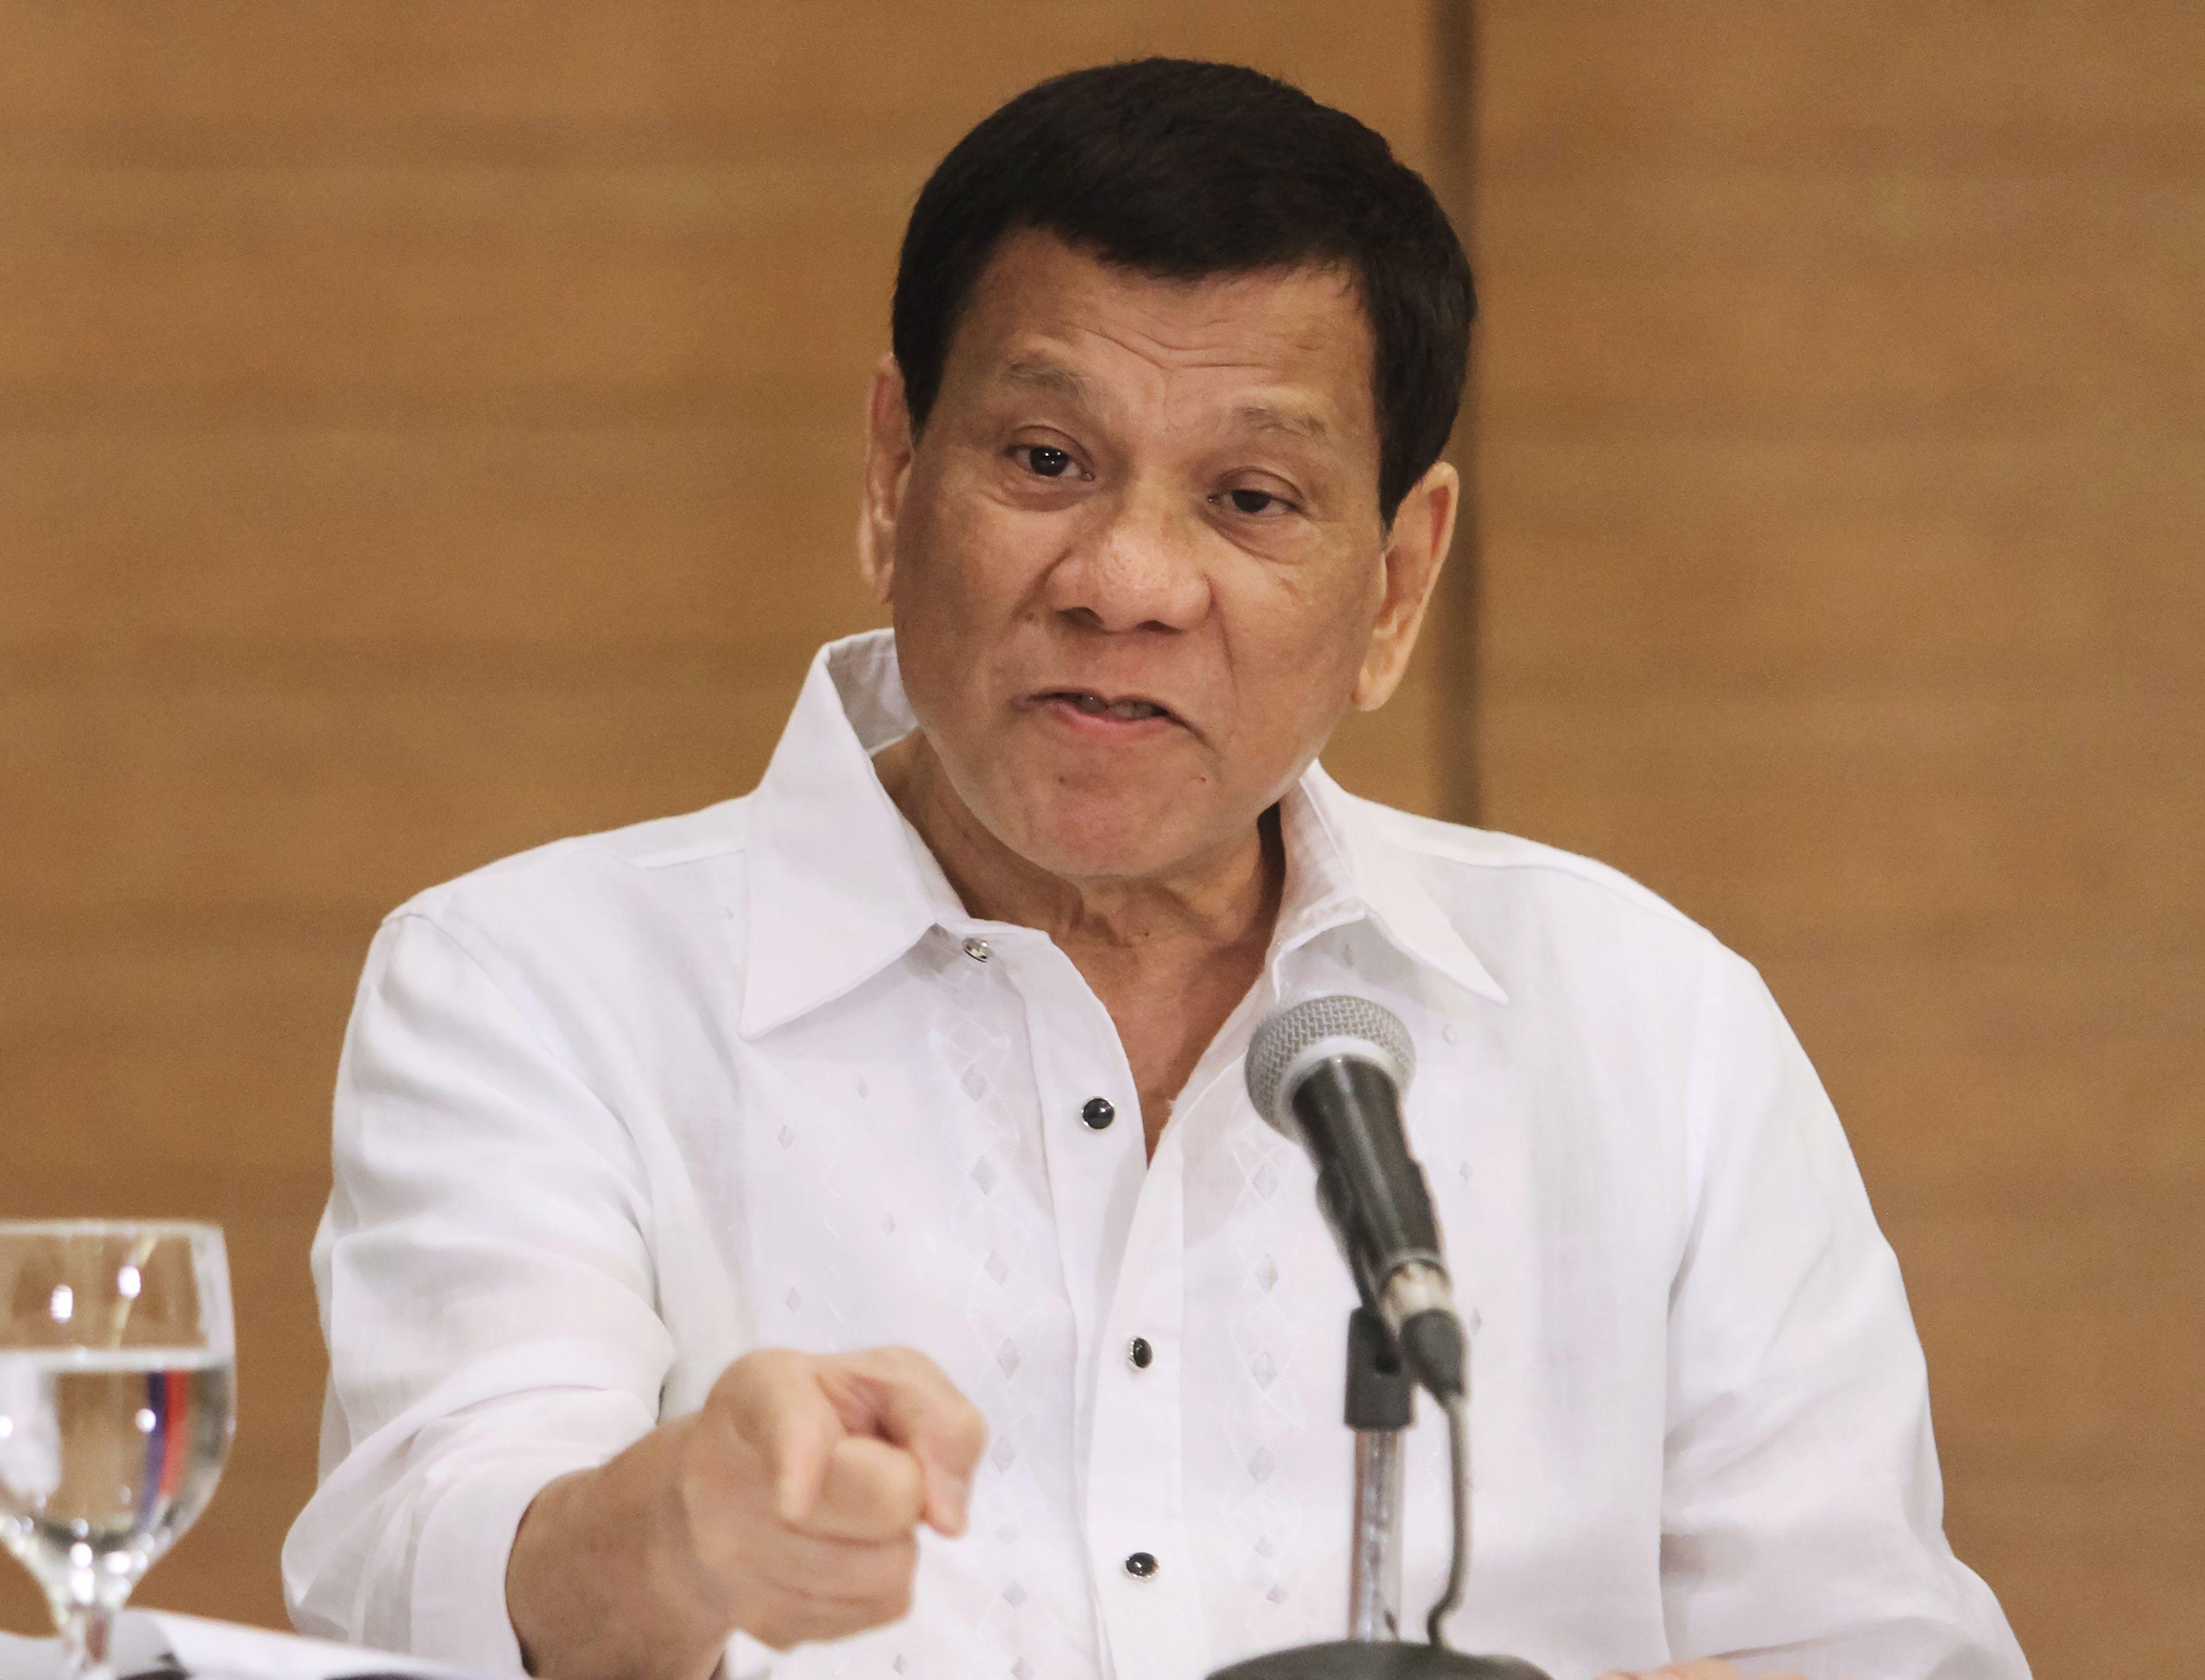 كلمة للرئيس الفلبينى